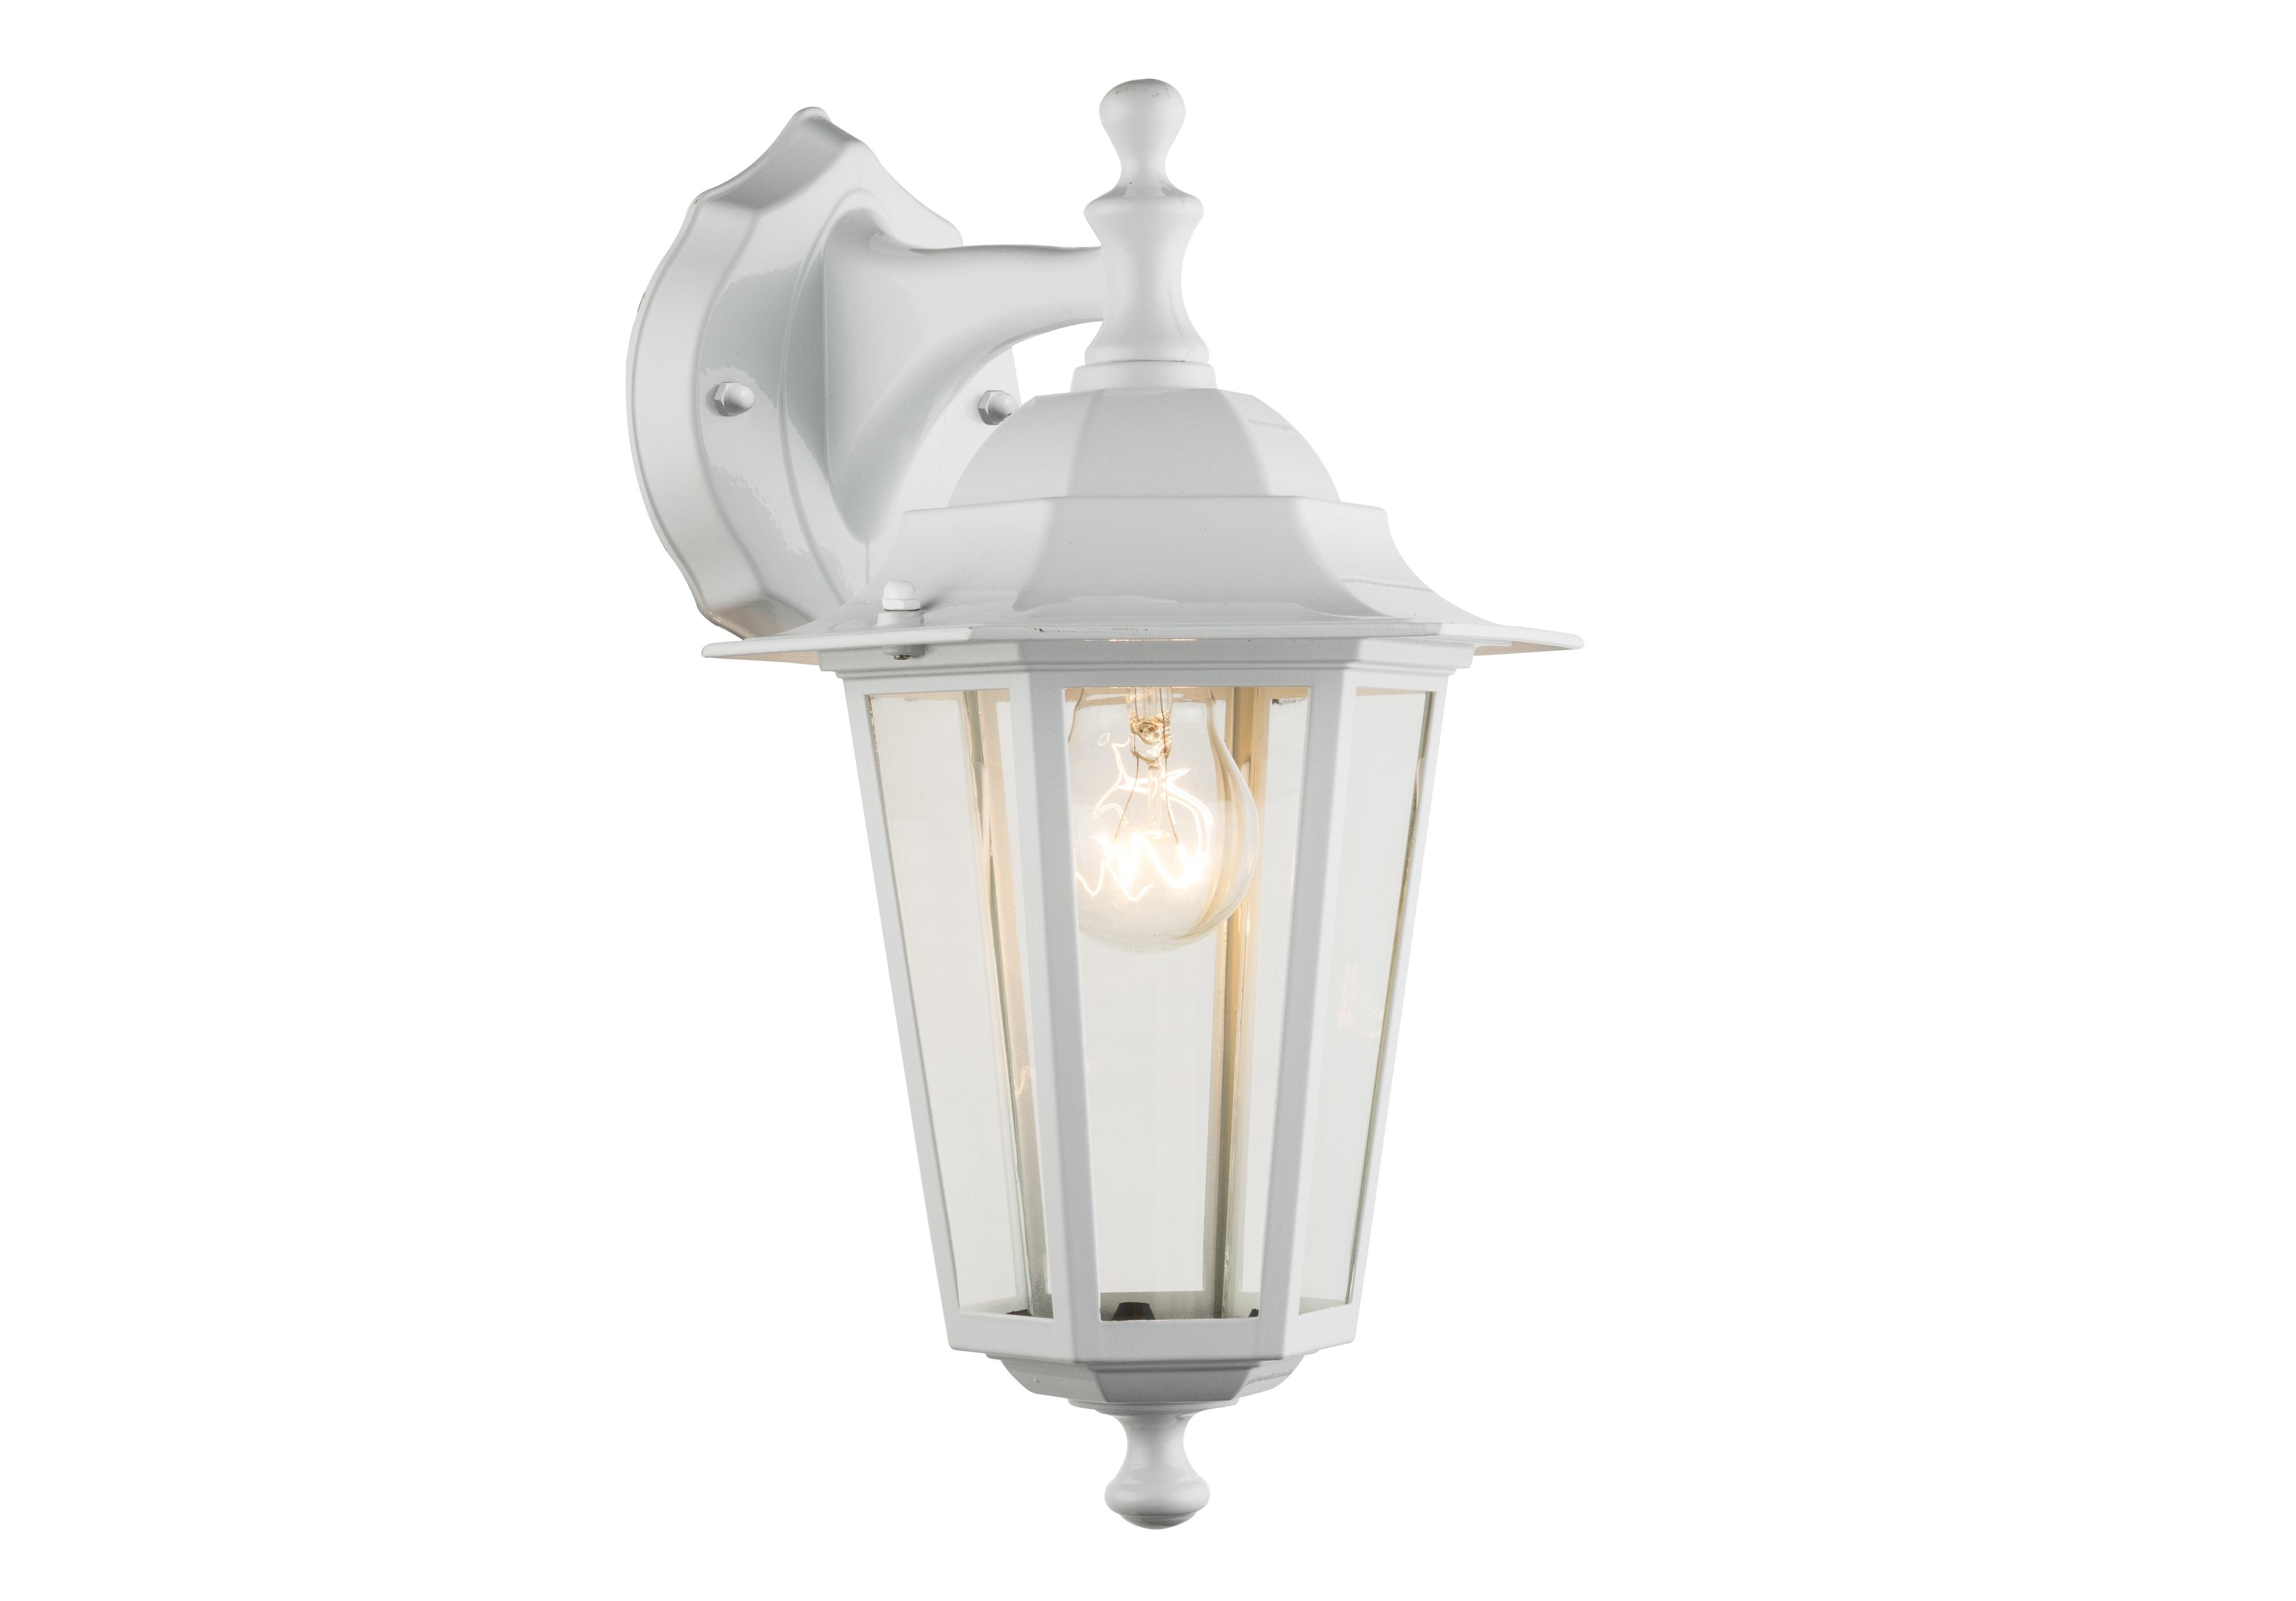 Светильник уличныйУличные настенные светильники<br>Тип цоколя: E27Мощность: 60WКол-во ламп: 1 (нет в комплекте)<br><br>kit: None<br>gender: None